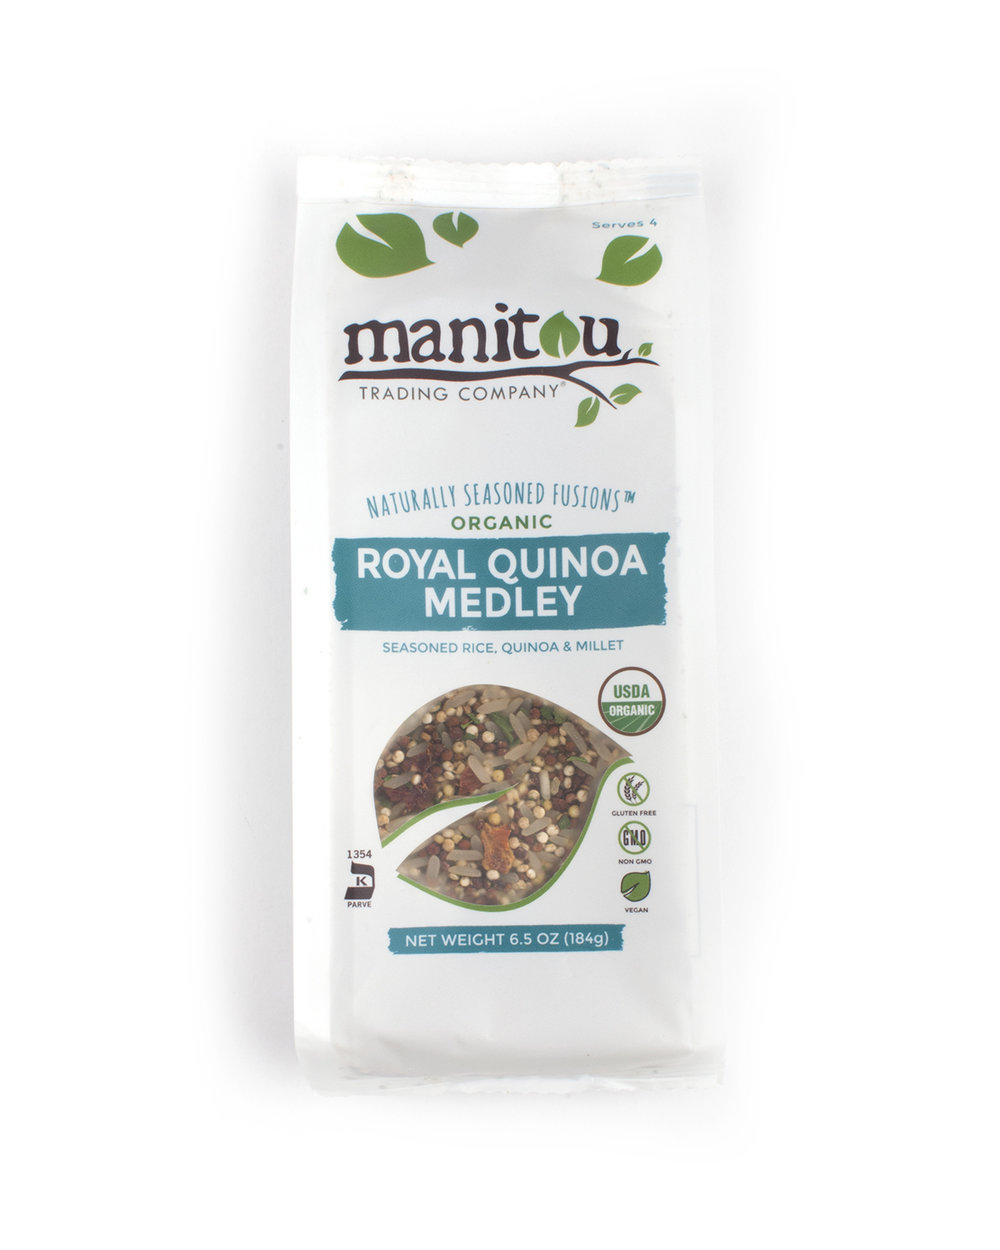 ox86-royal-quinoa-medley.jpg